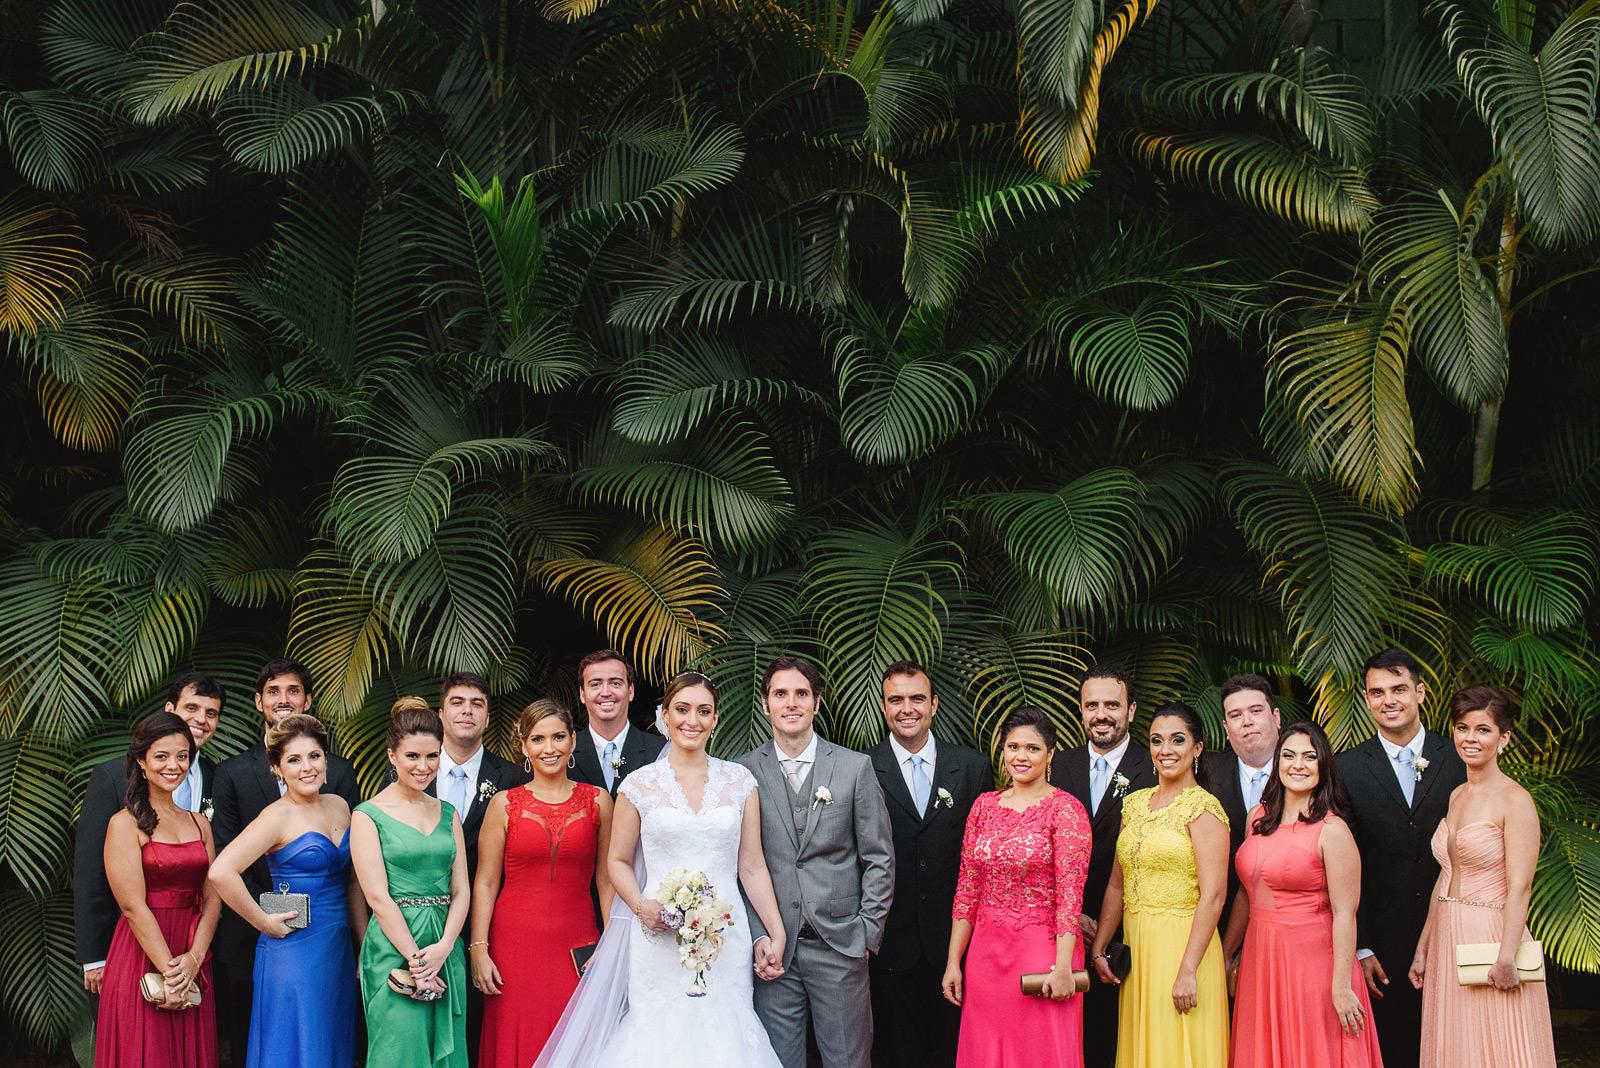 foto-casamento-casuarinas-rj-ema-gab-40-2